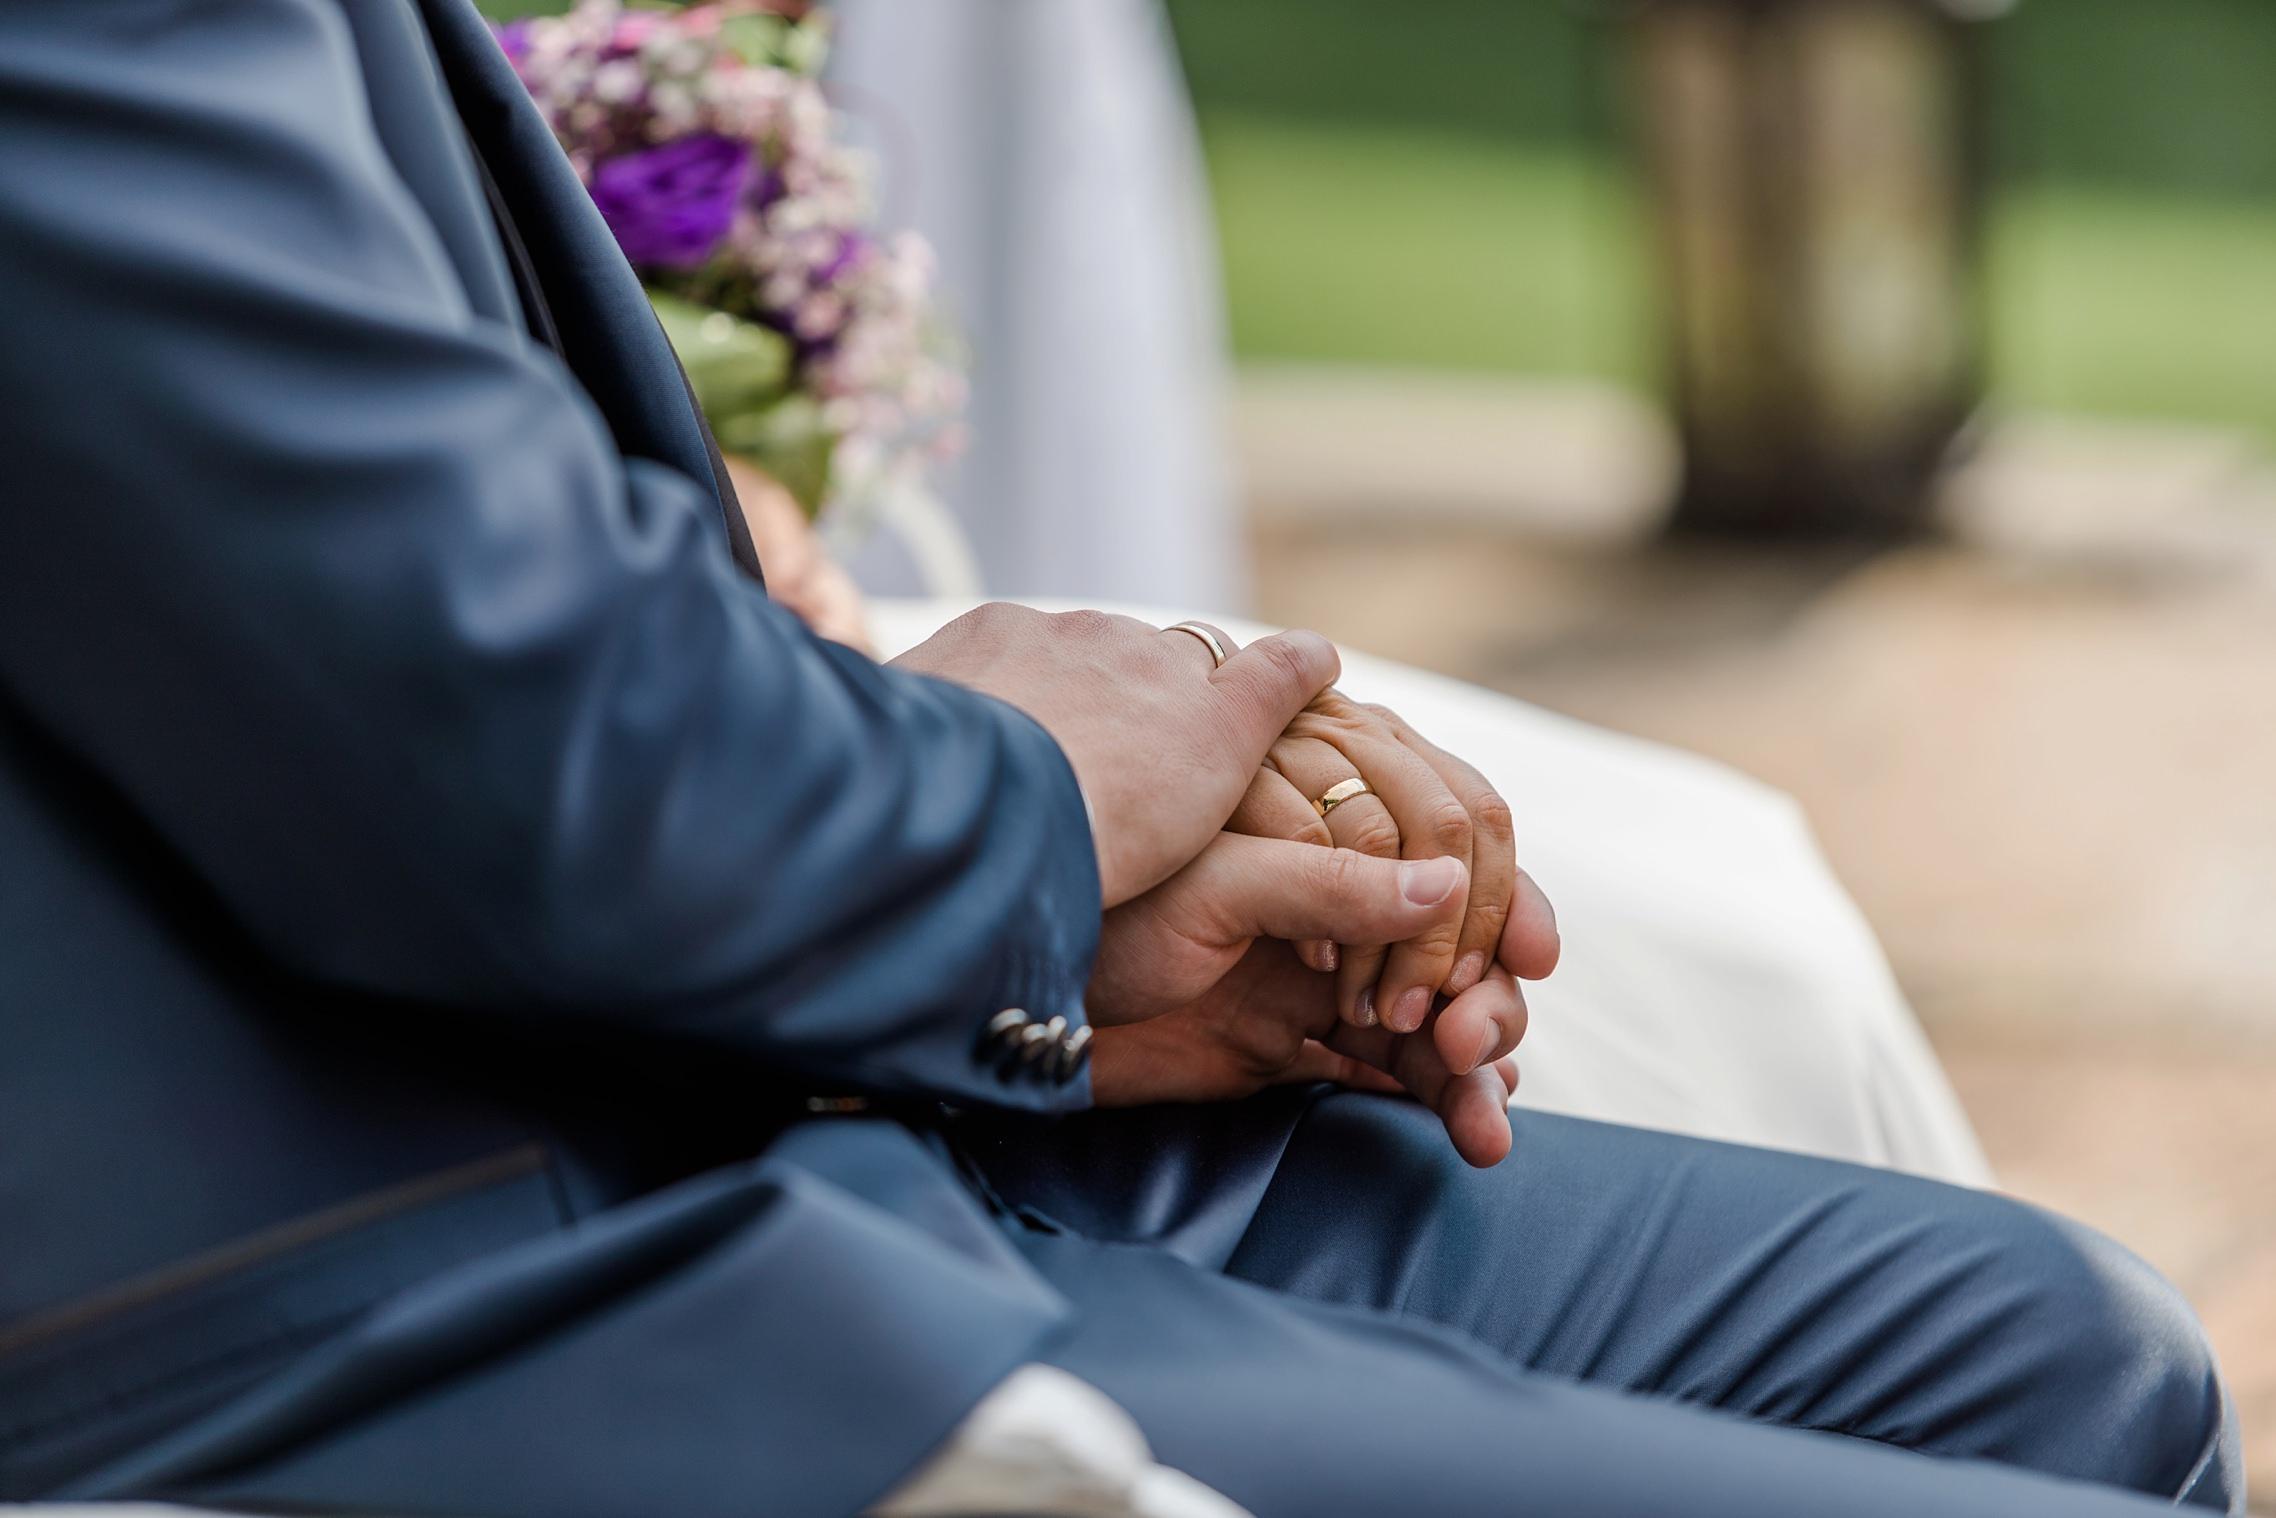 Detailaufnahme der Hände des Brautpaares mit den frisch angesteckten Ringen.